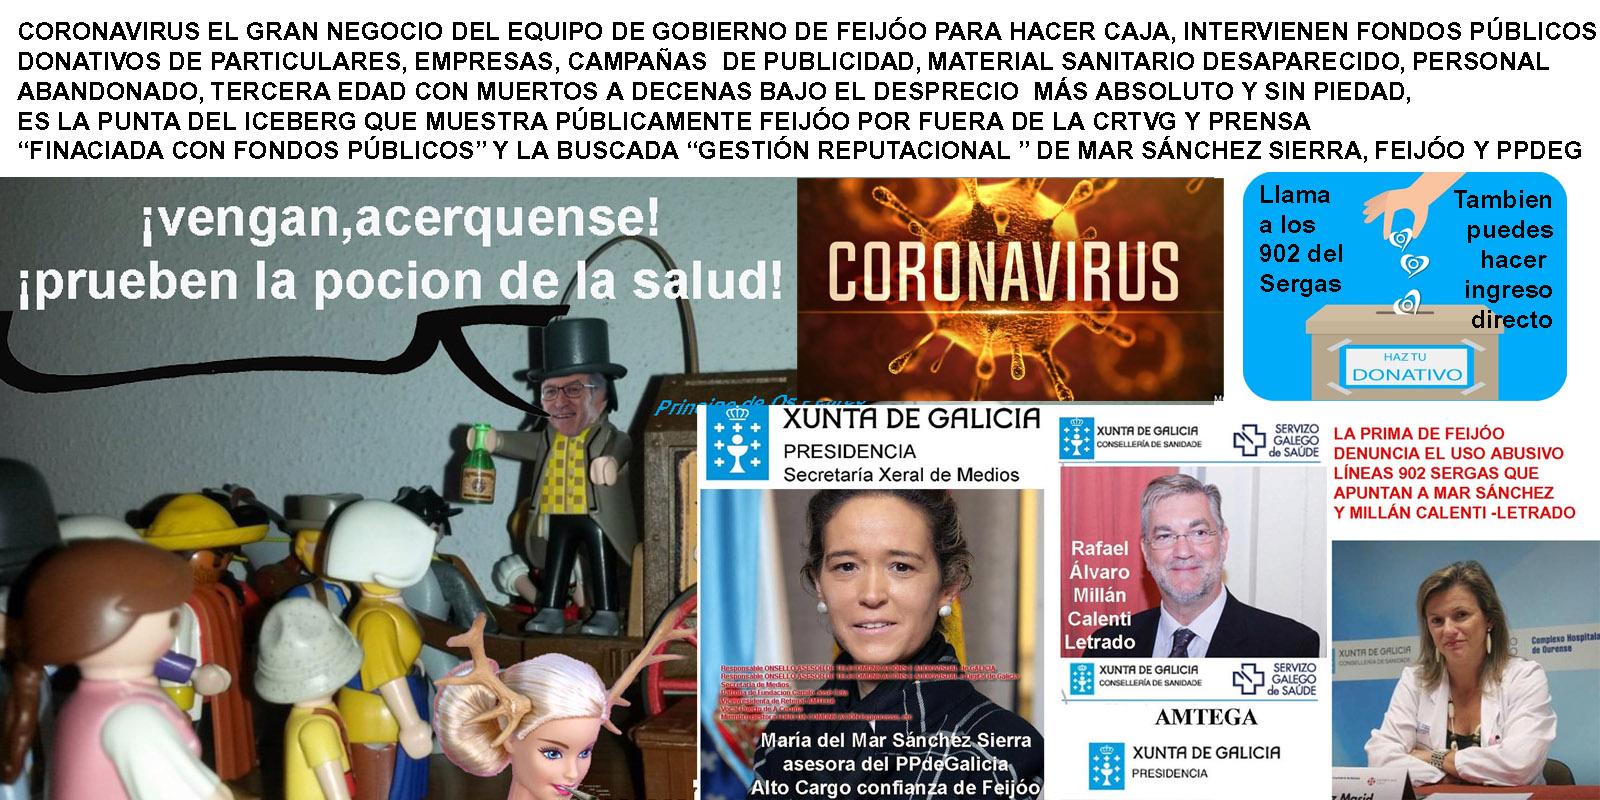 Los donativos y dádivas que piden Feijóo, Mar Sánchez Sierra y ...